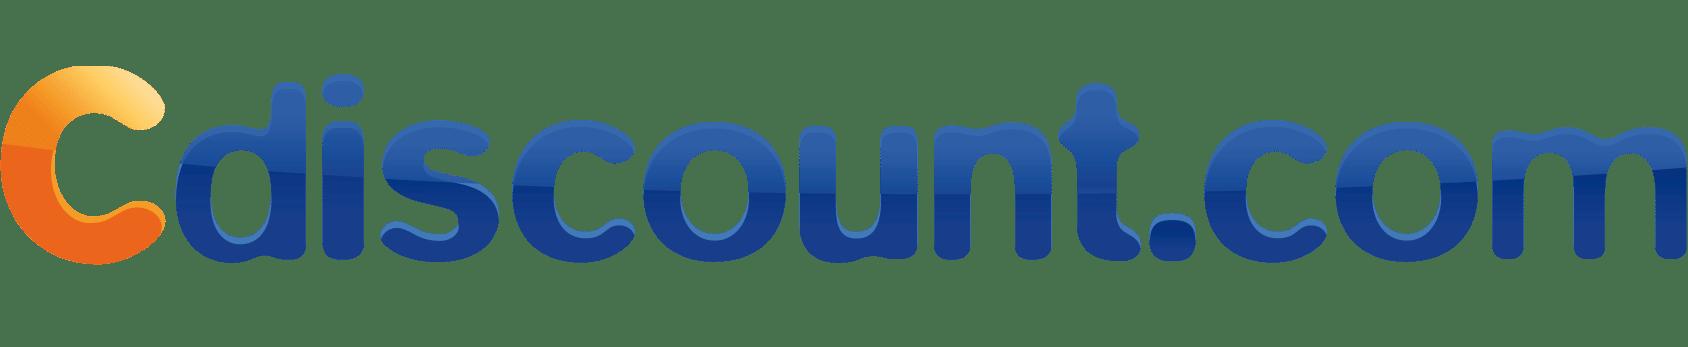 """Résultat de recherche d'images pour """"cdiscount logo"""""""